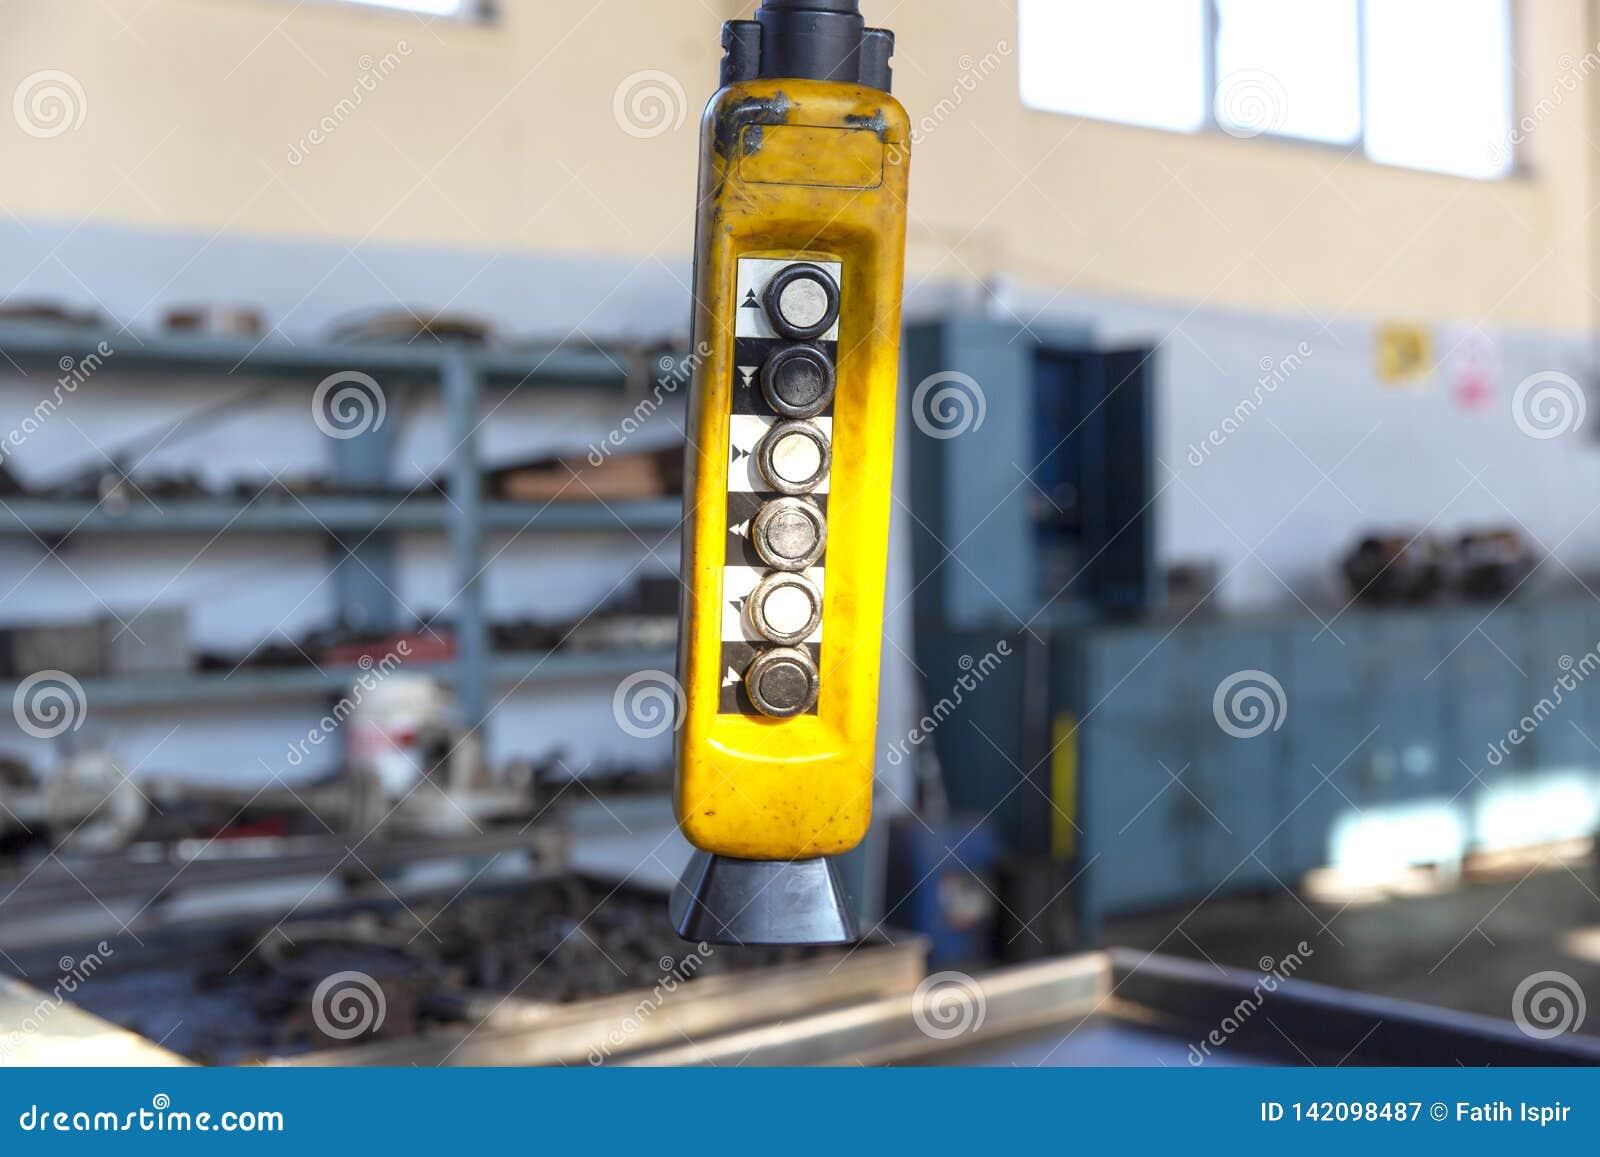 Crane Control Remote